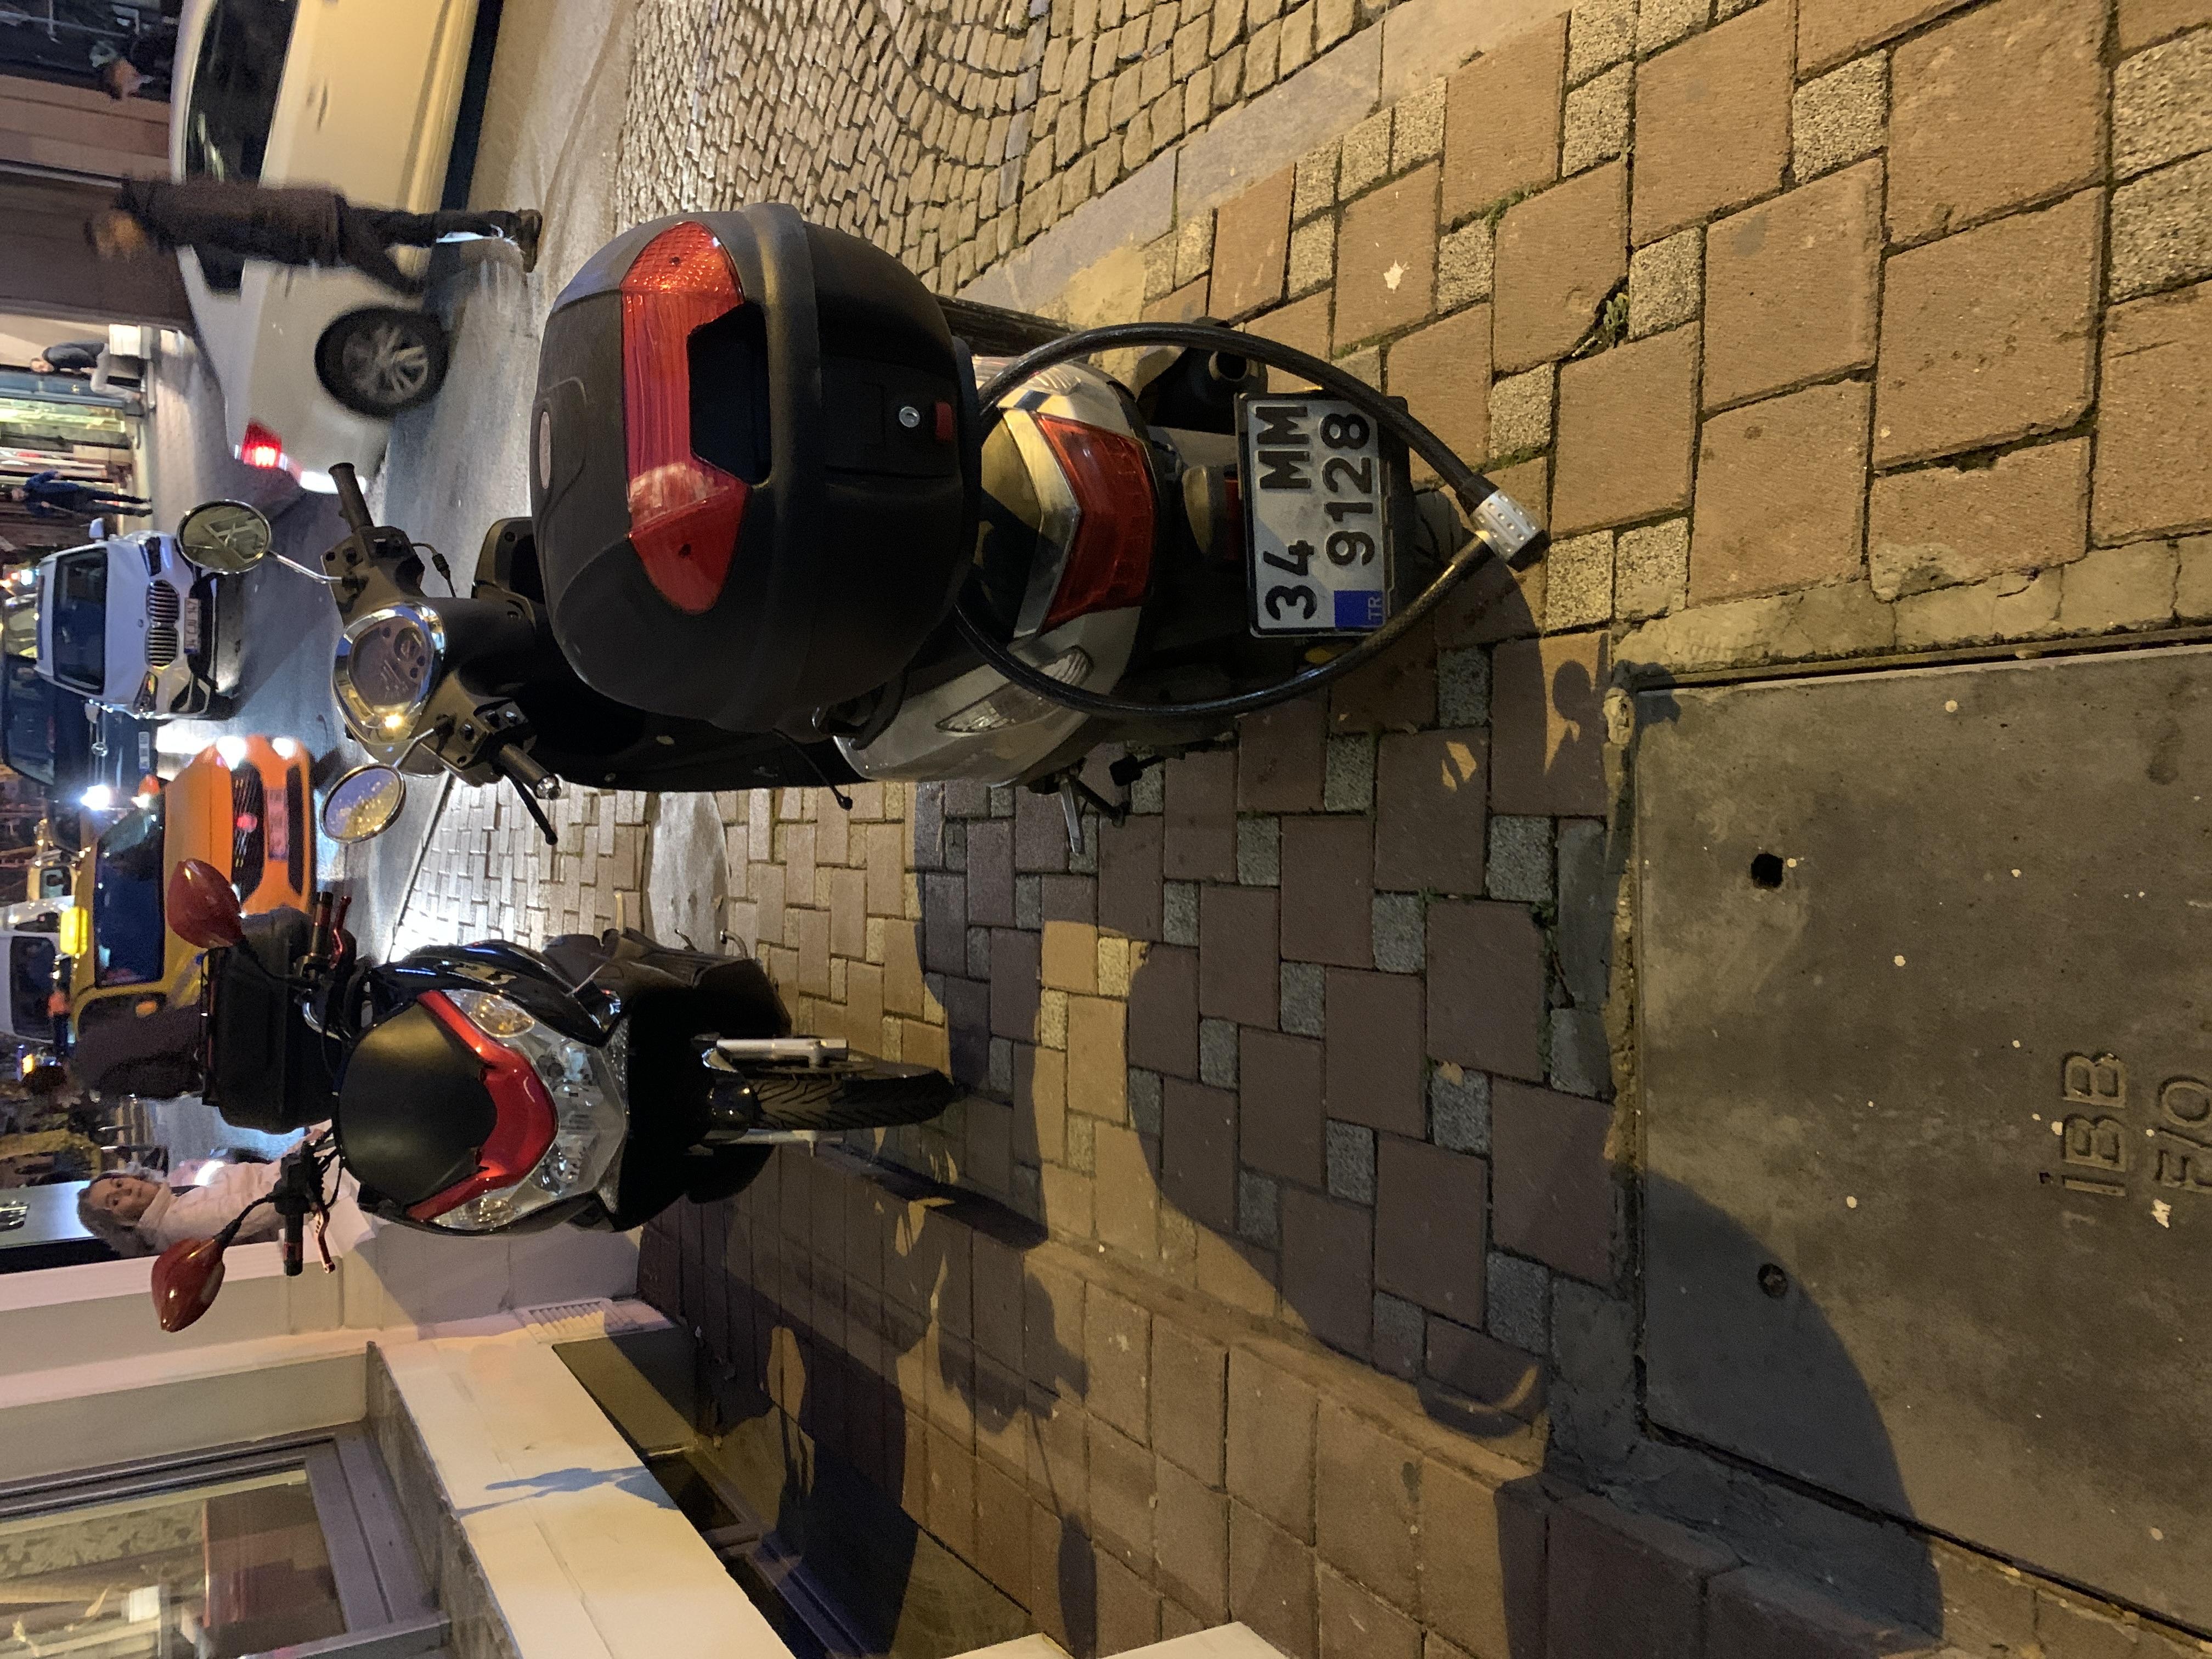 İki motorsiklet kaldırıma park etmiş bütün yolu kaplıyor.